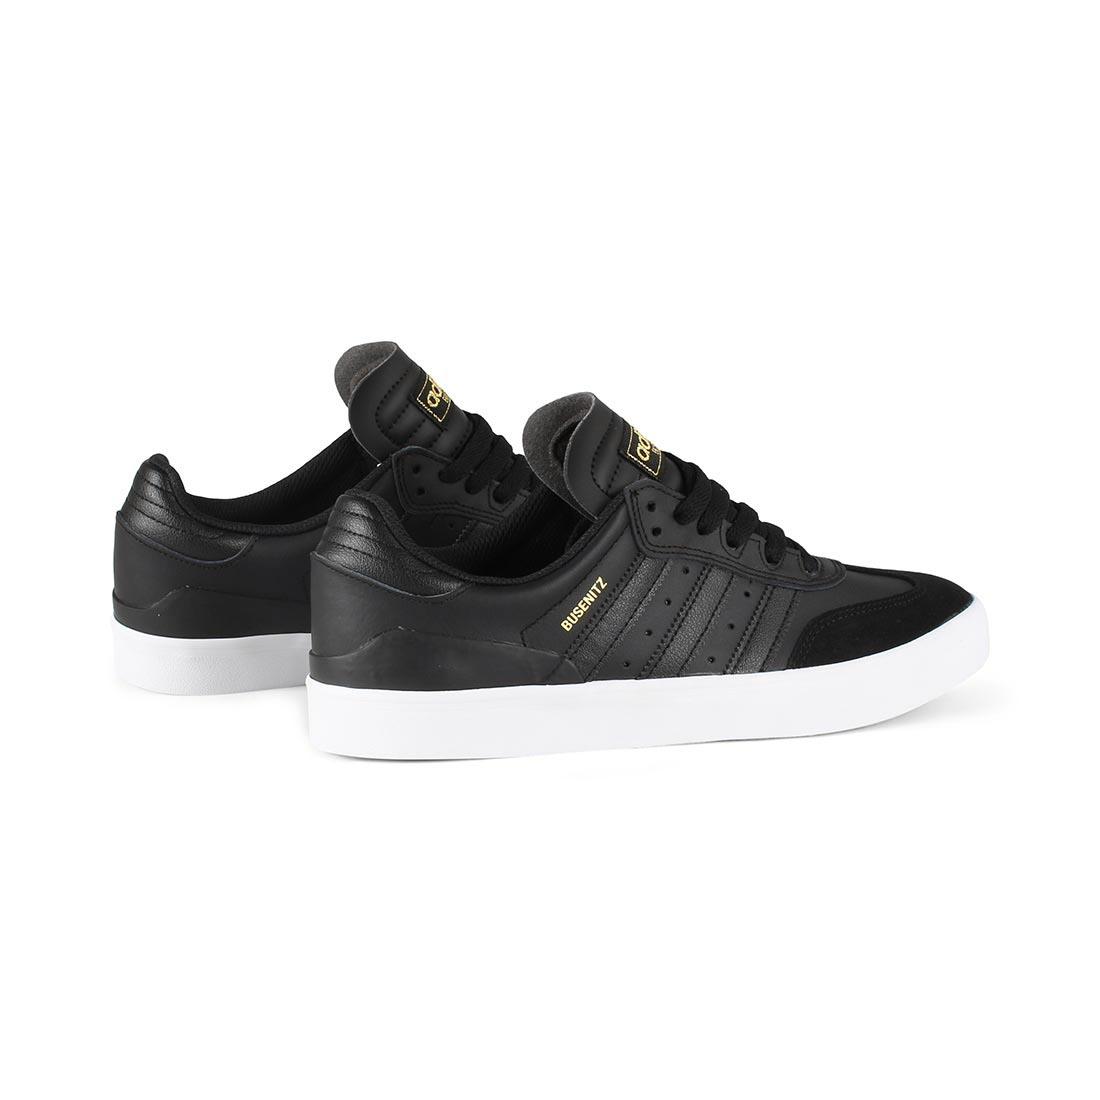 Rx Core White Busenitz Shoes Adidas Vulc Black 6Ybfg7y